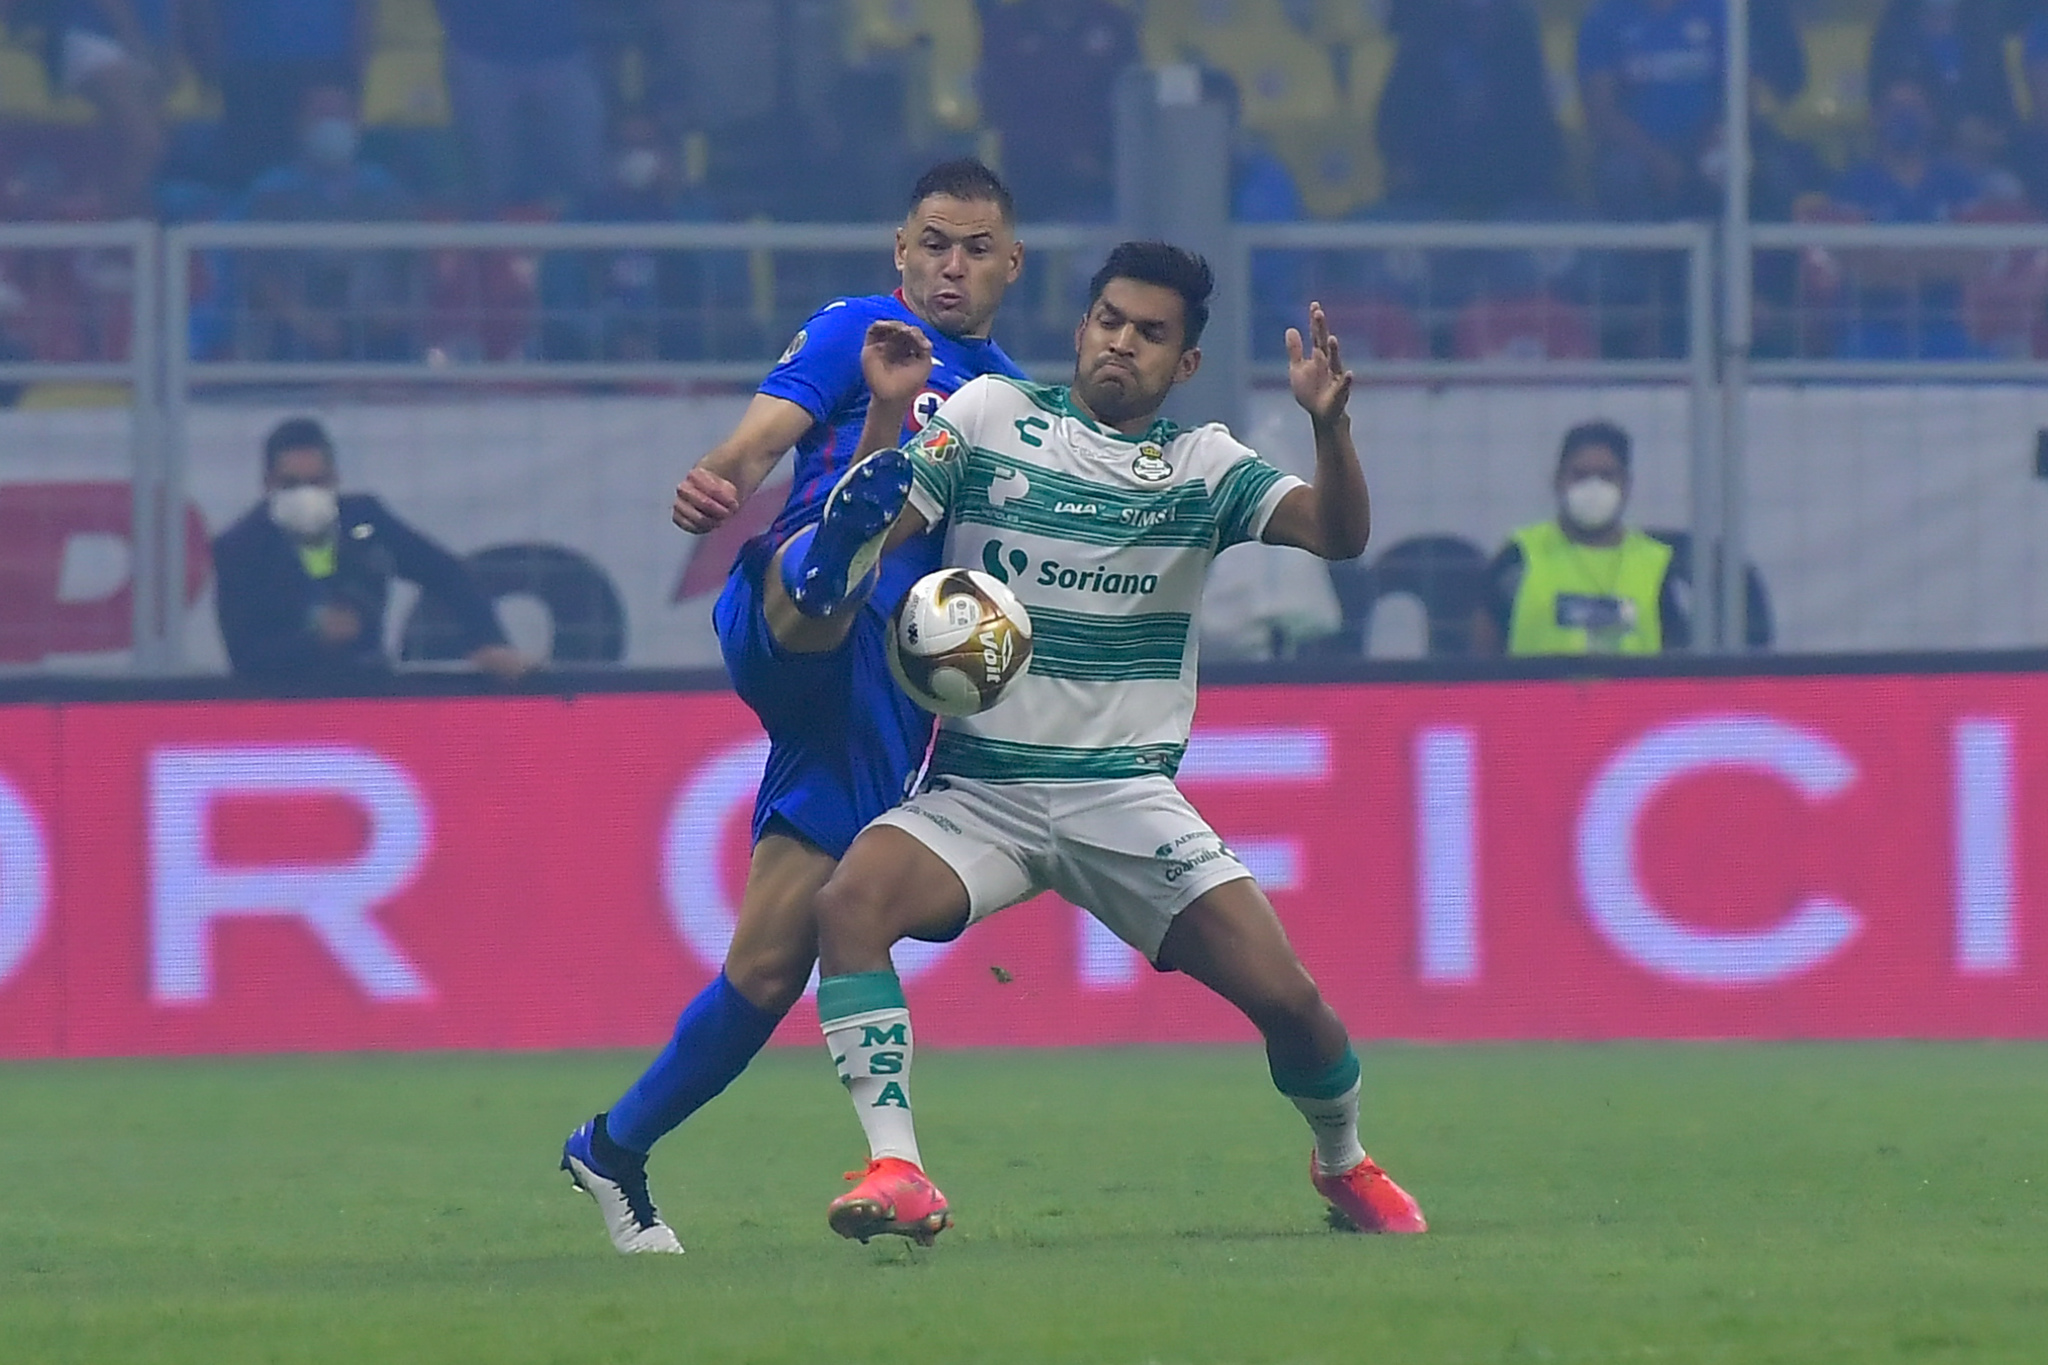 Cruz Azul campeón de la Liga MX 2021: resumen, goles y resultado de la final